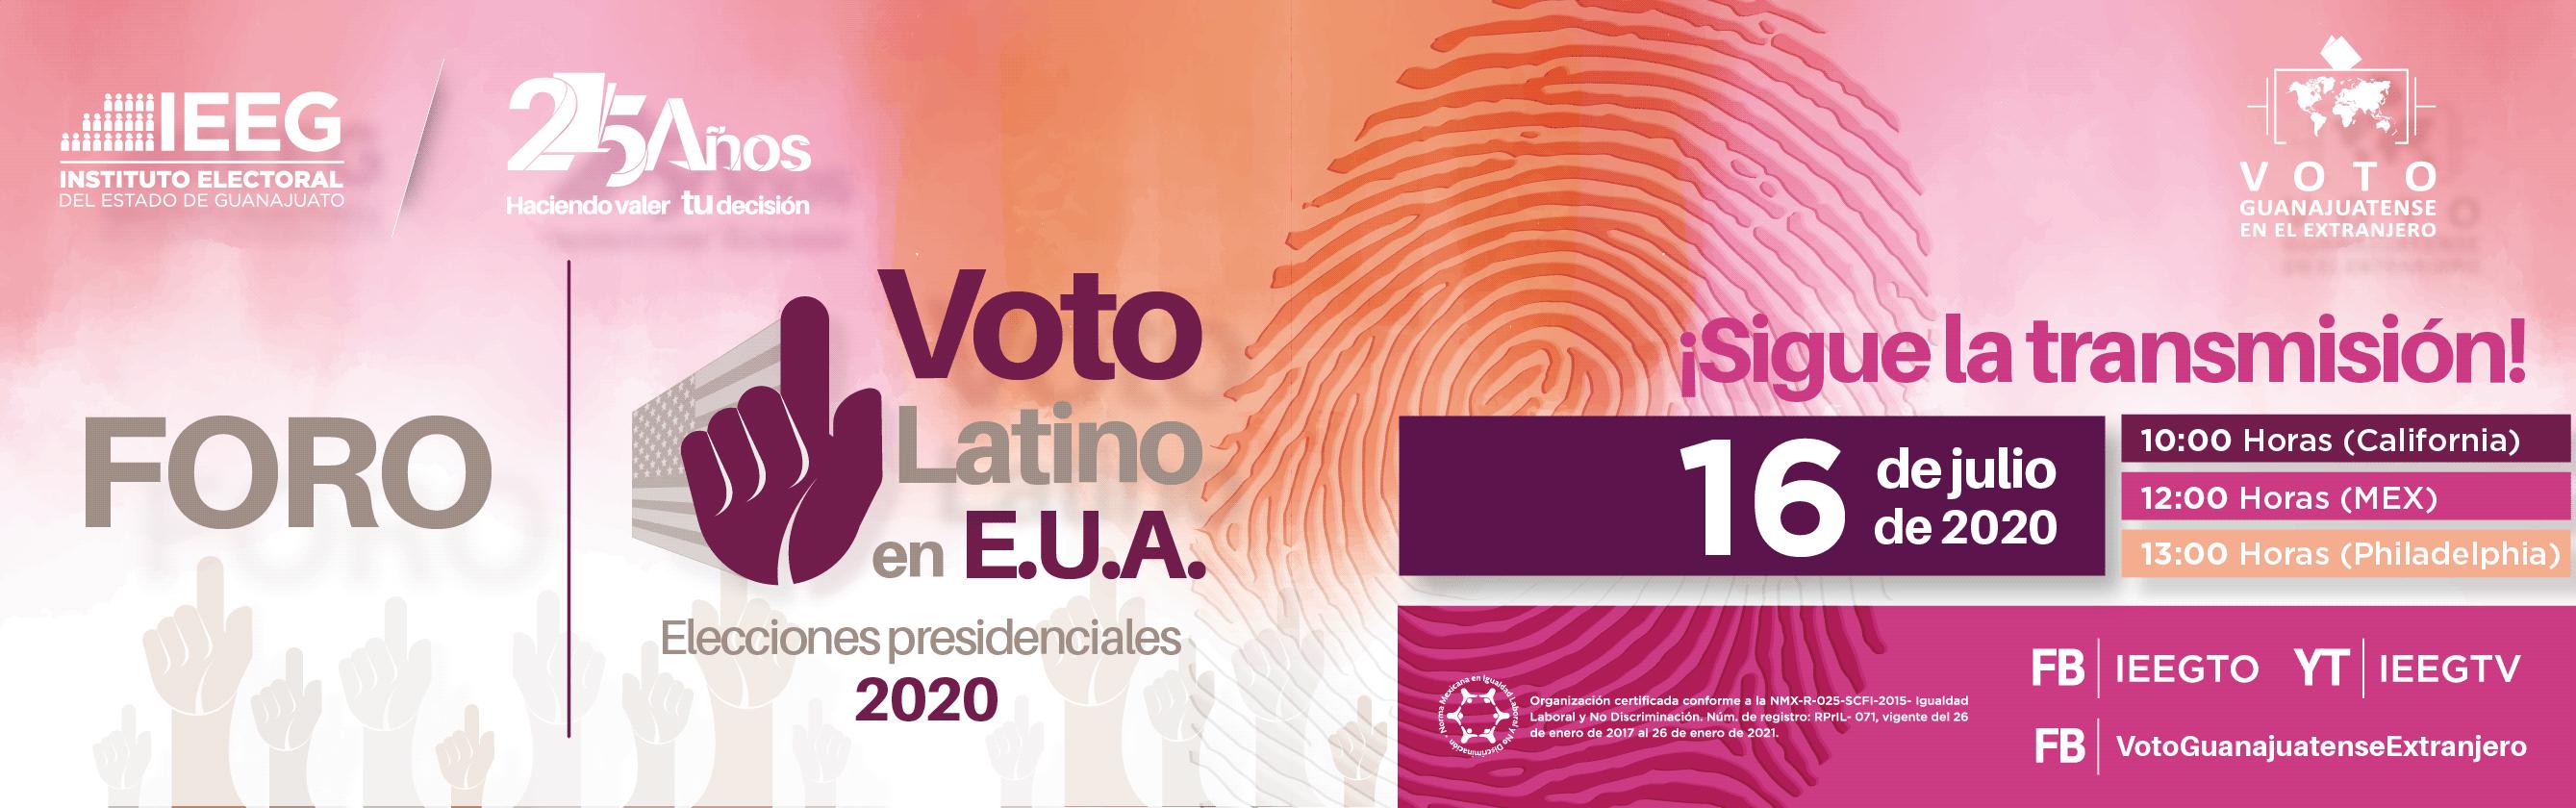 Foro Voto latino en e.u.a. elecciones presidenciales 2020. Sigue la transmisión este 16 de julio a traves de nuestras redes sociales. A las 12 horas en mexico. A las 10 horas en california. A las 13 horas en philadelphia.